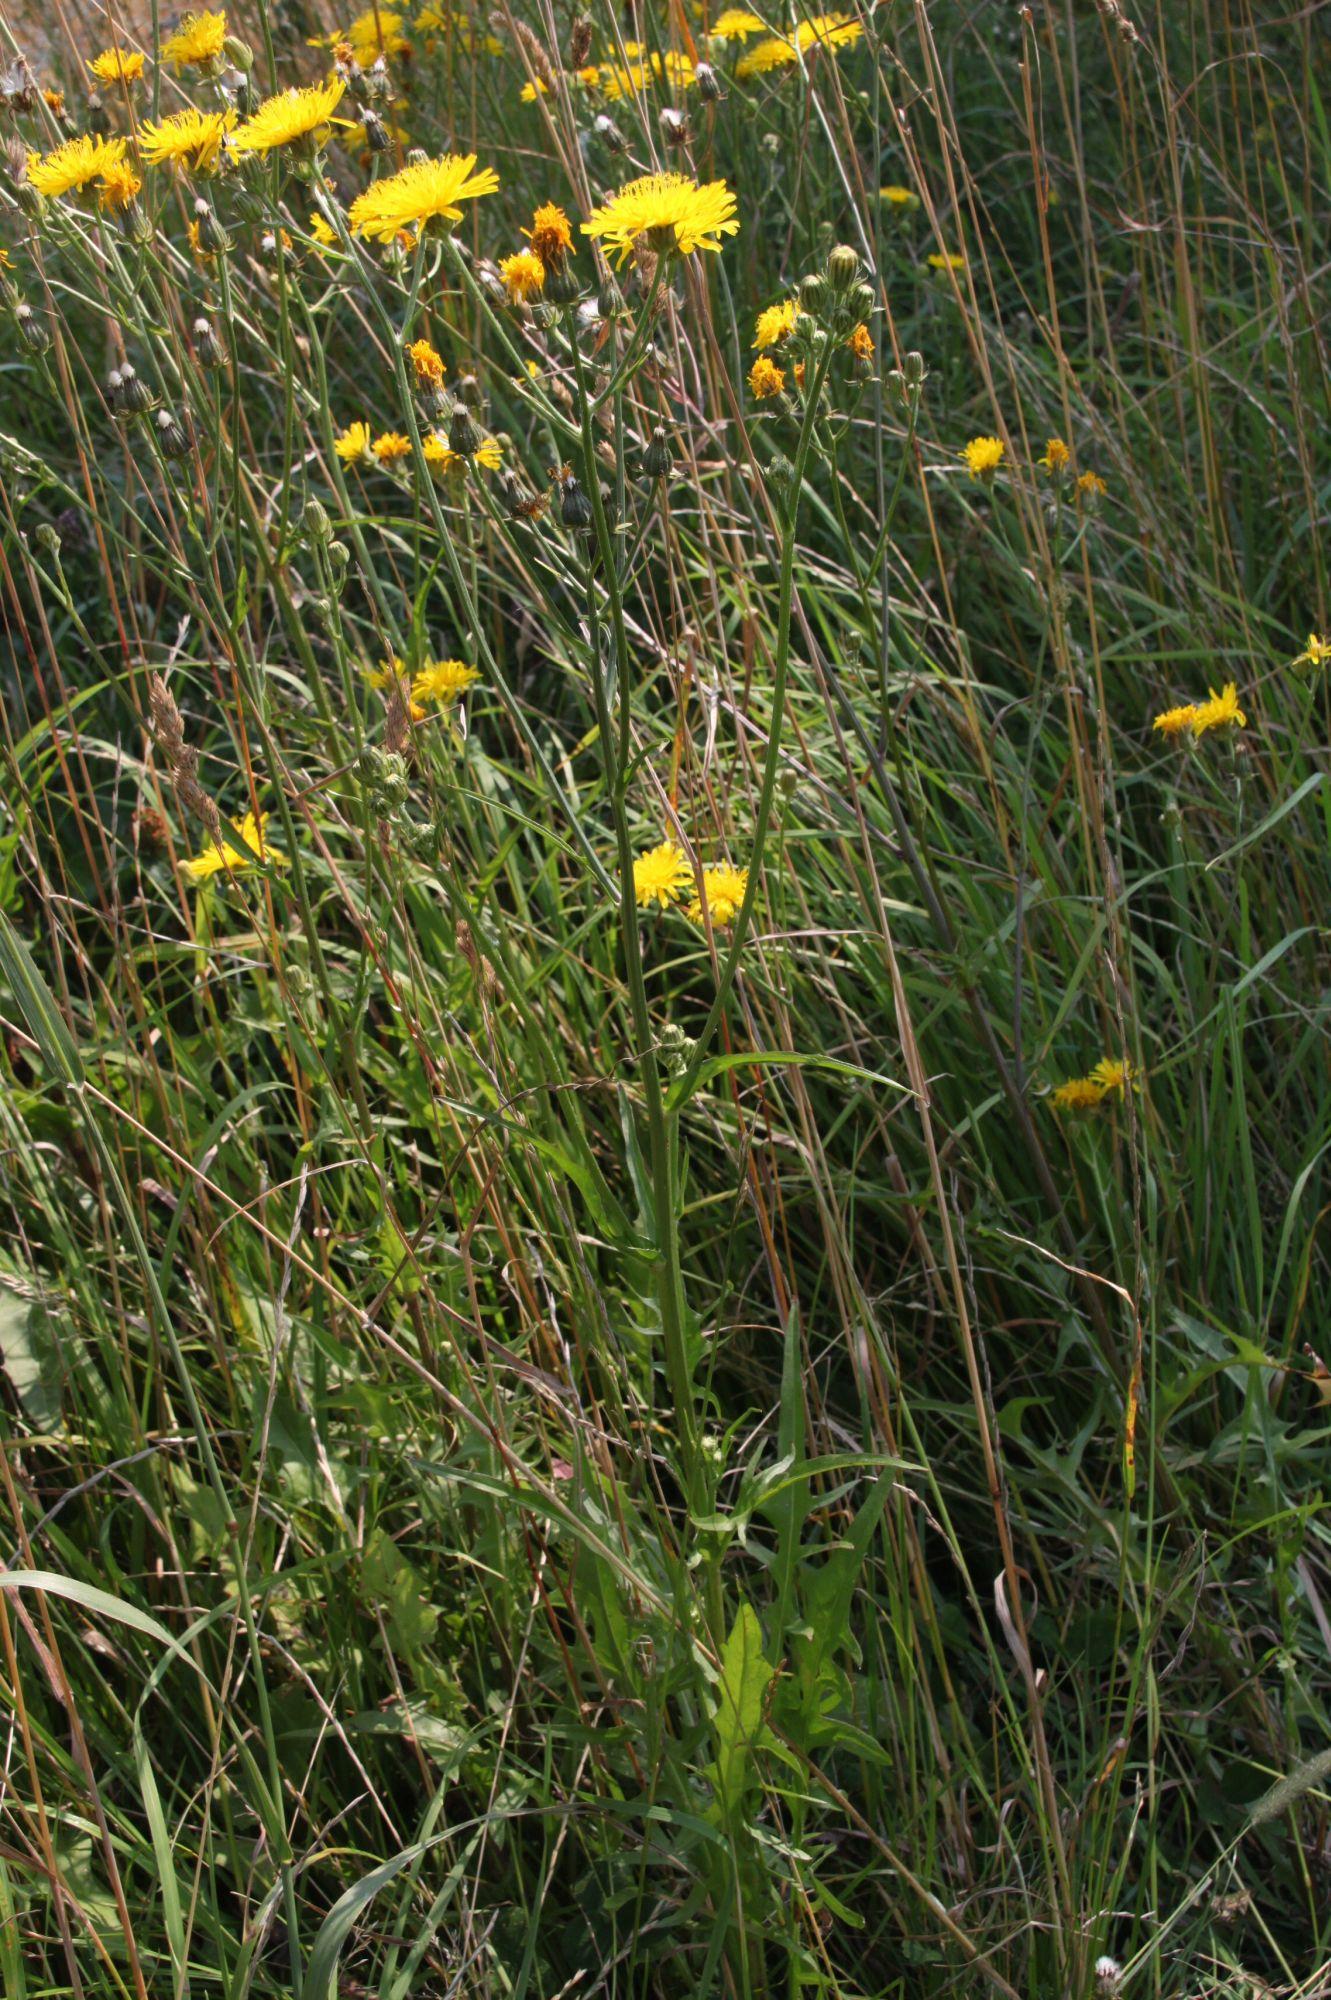 Crepis-biennis-Wiesen-Pippau-07-12-5-16-Uta-Anhalt-SGH-x